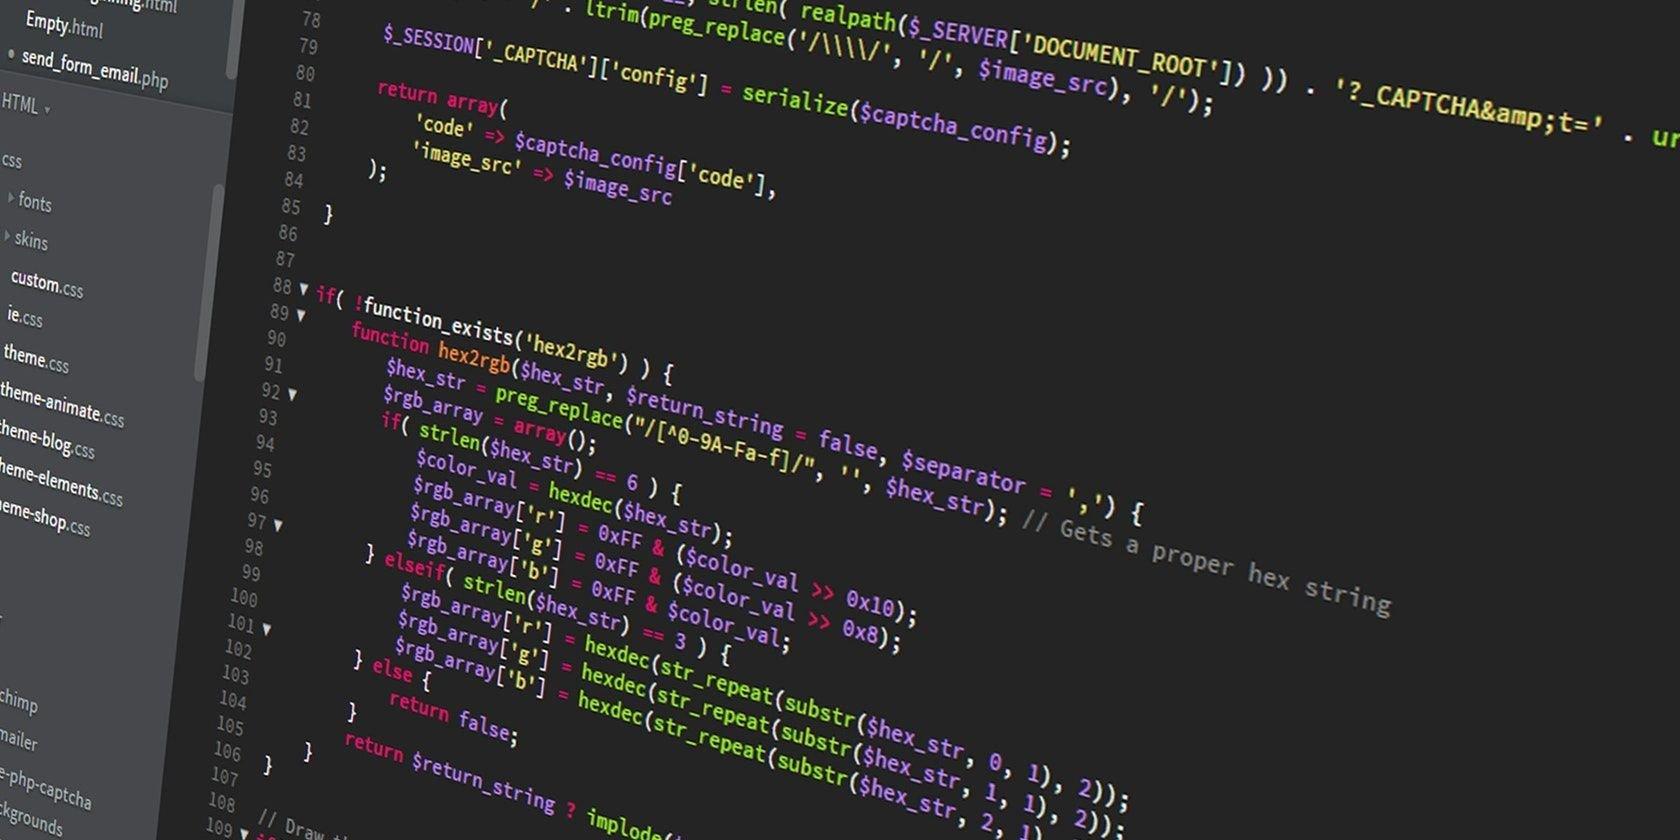 مایکروسافت Windows Community Toolkit v7.0 را برای توسعه دهندگان برنامه راه اندازی می کند